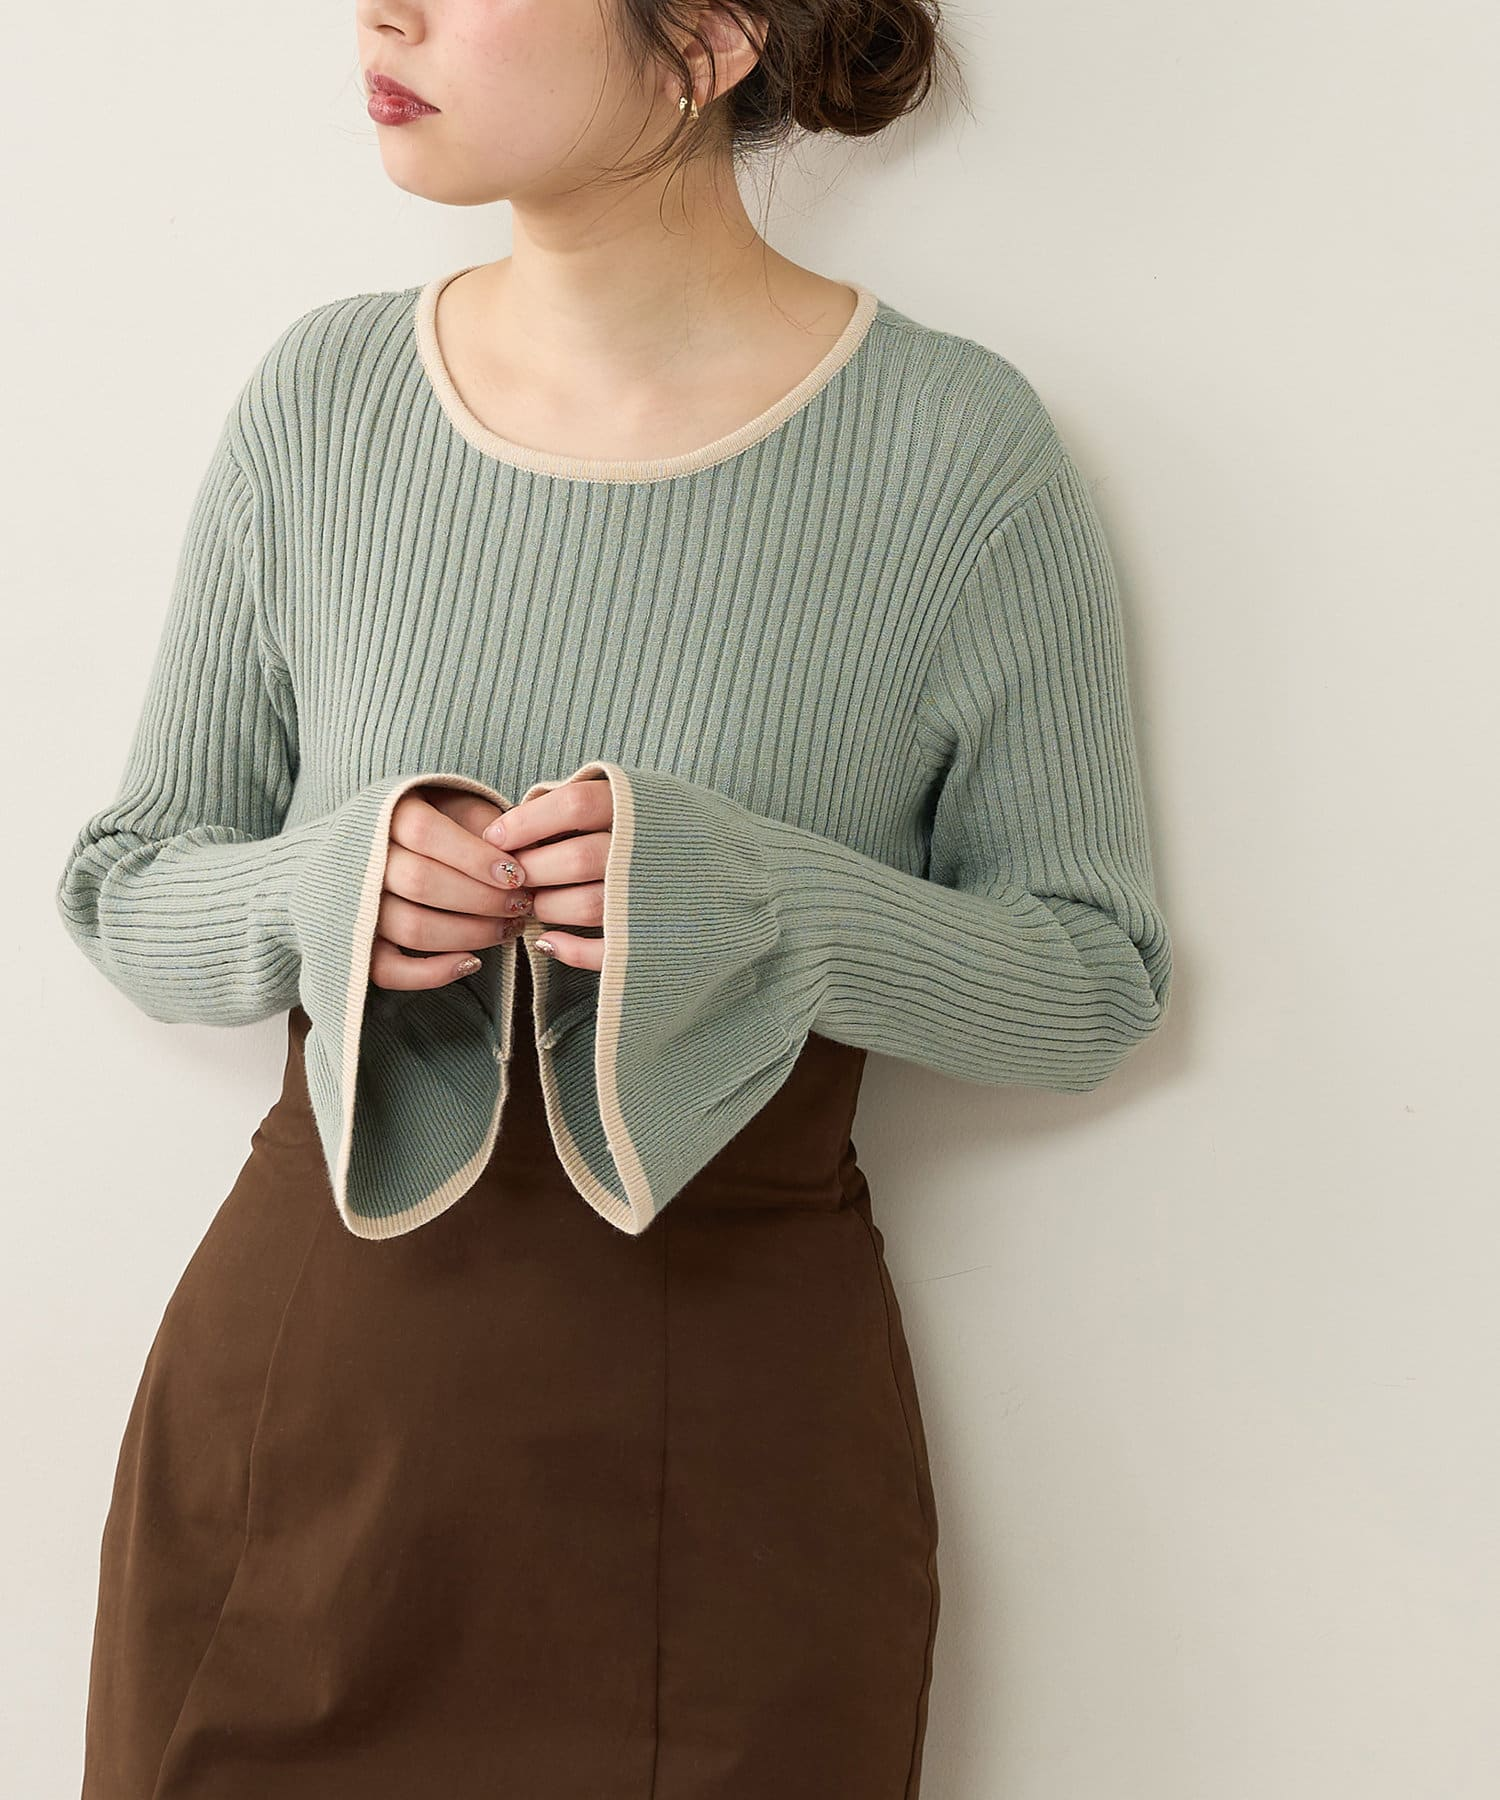 natural couture(ナチュラルクチュール) プチプラフリル袖ニット